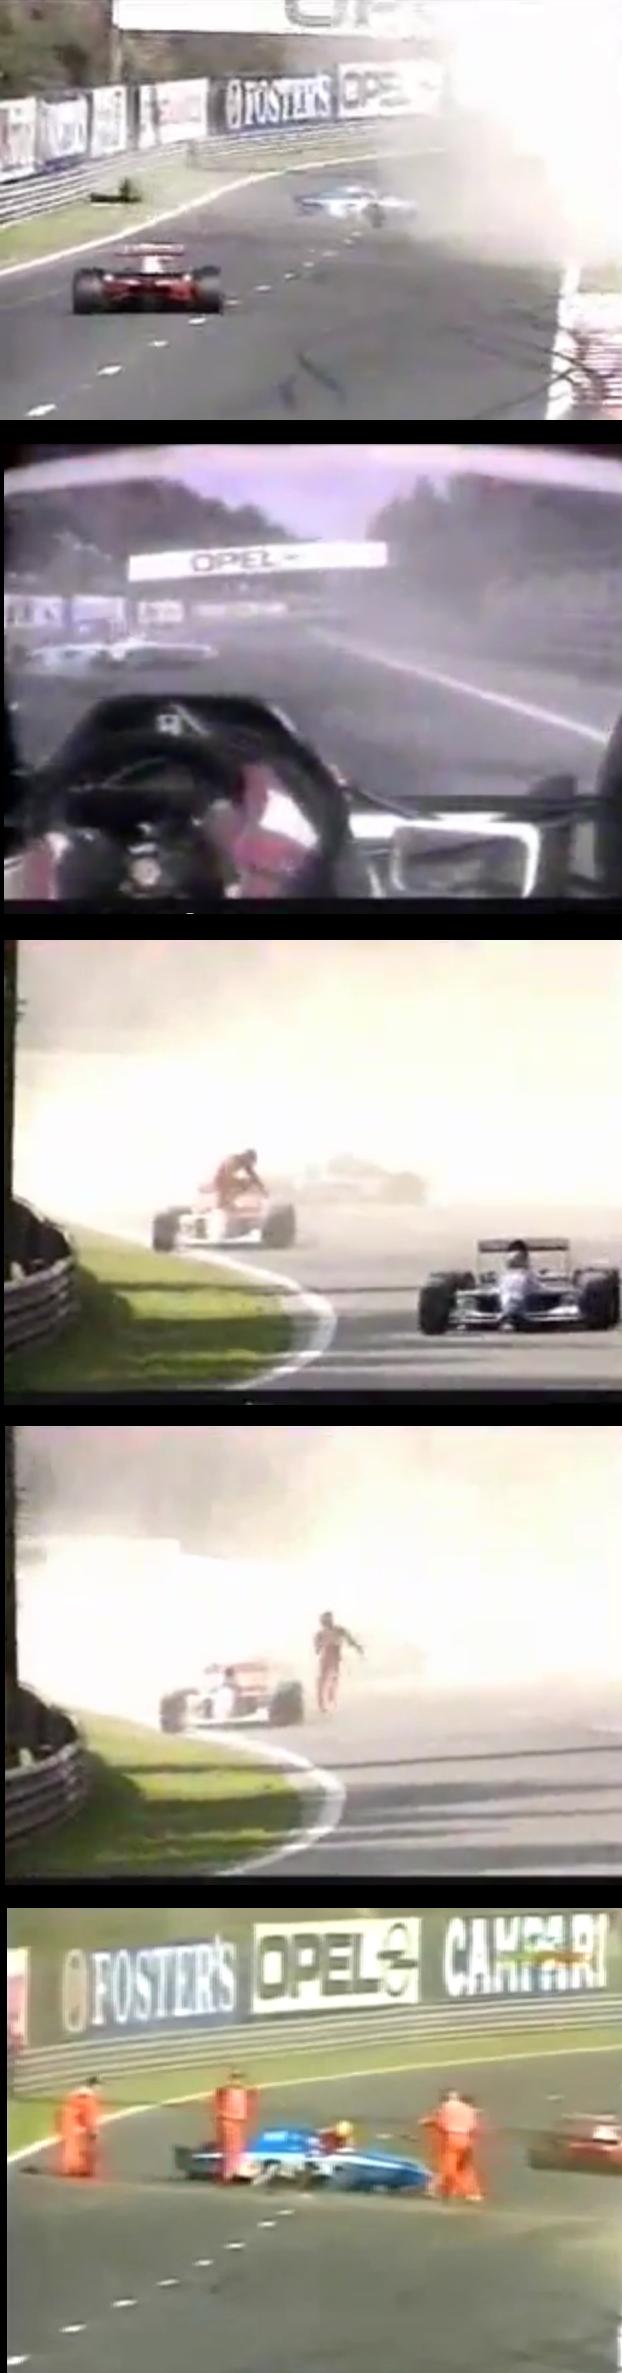 Senna socorriendo a Comas tras su accidente.